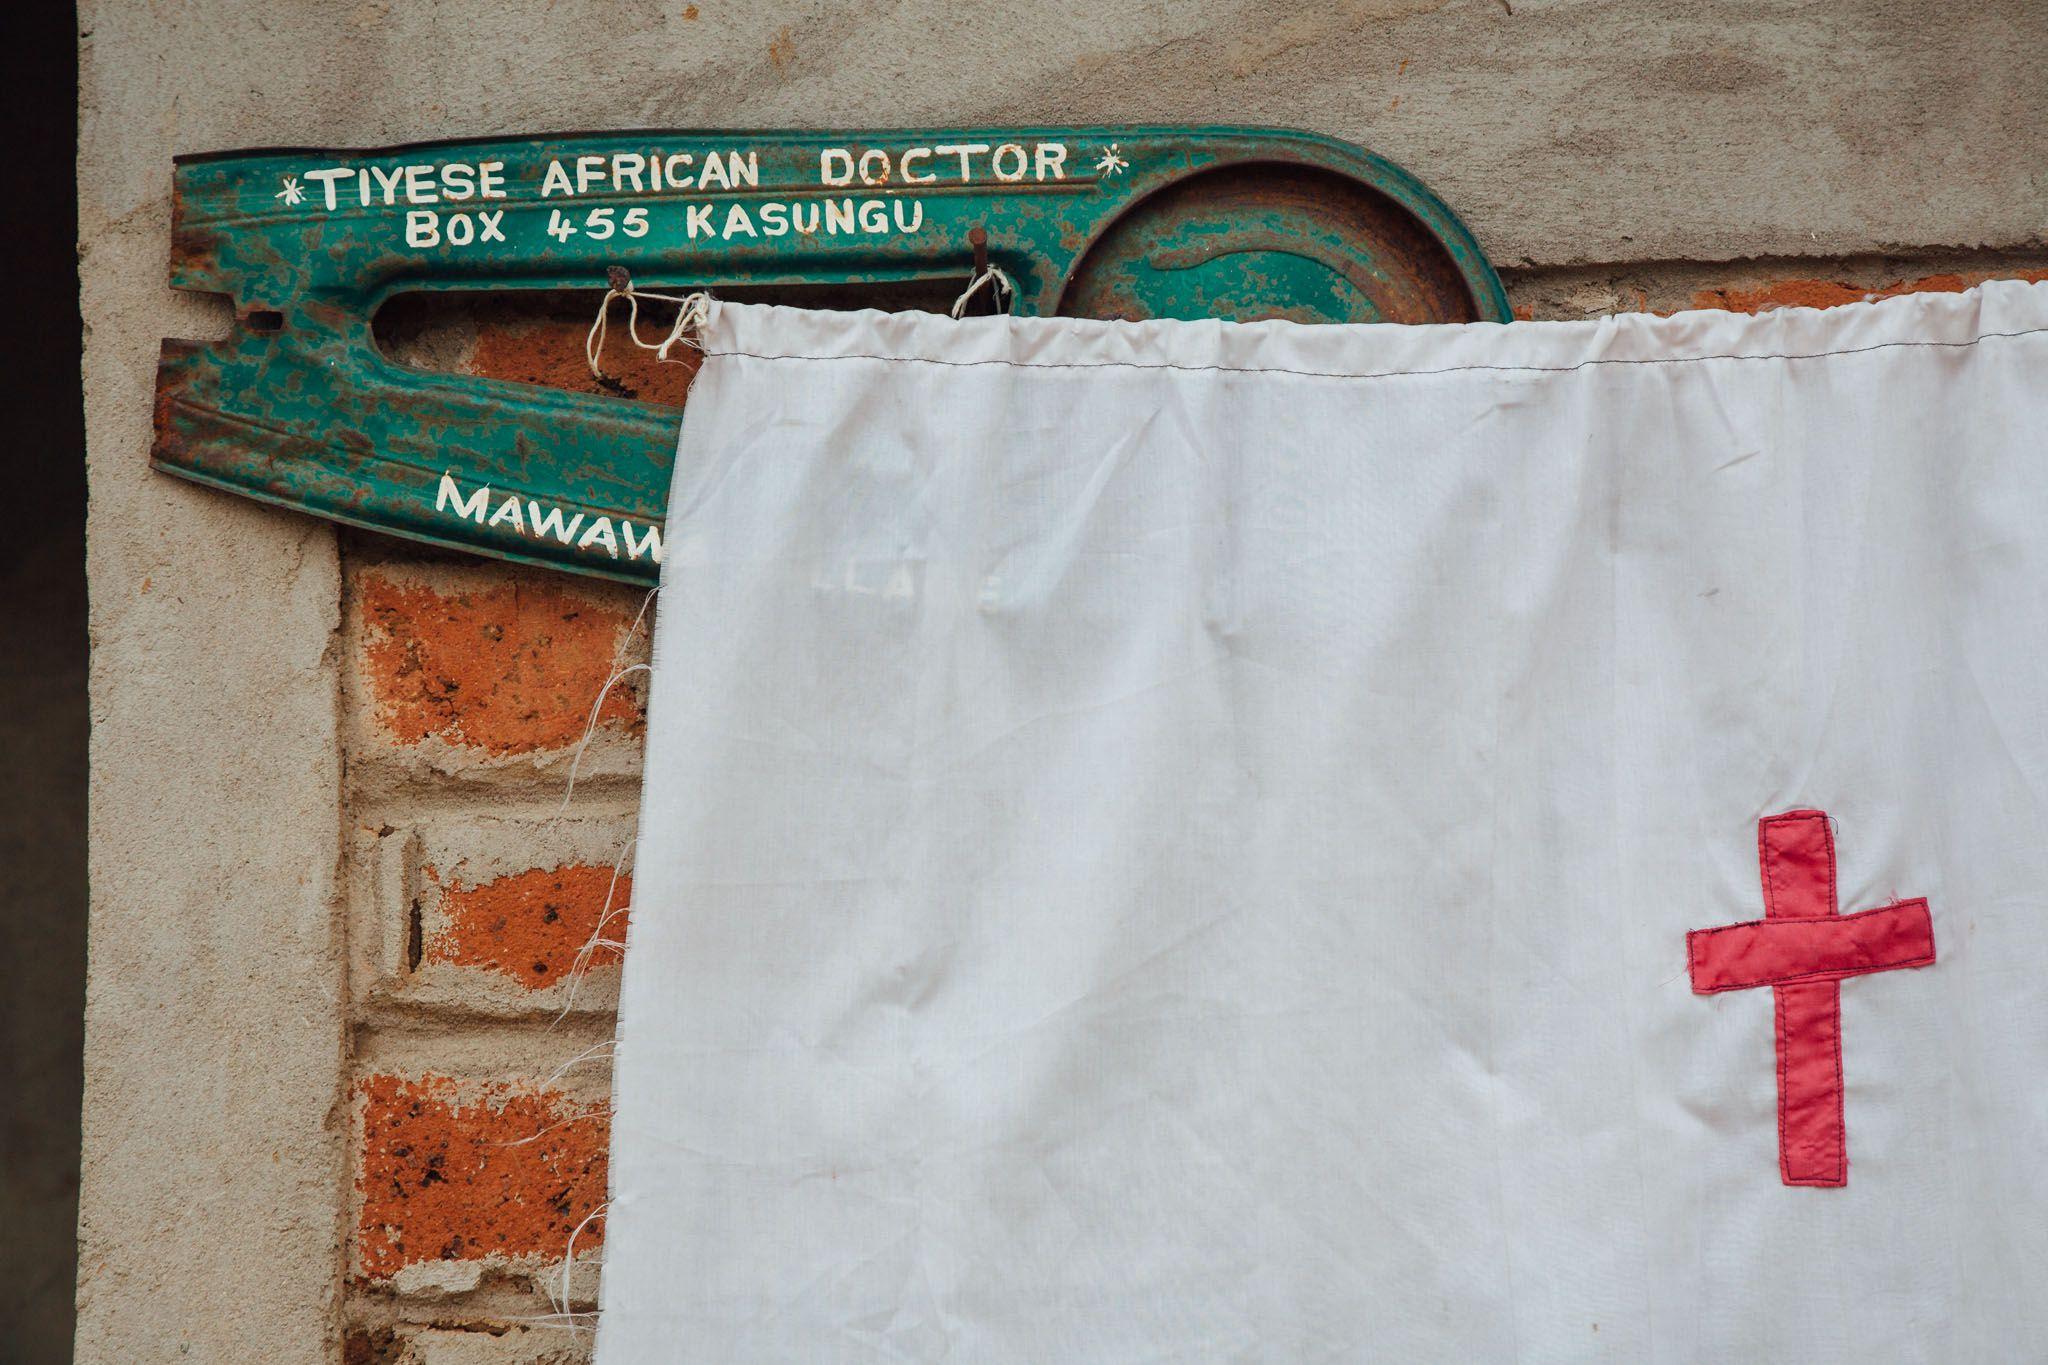 malawi-aids